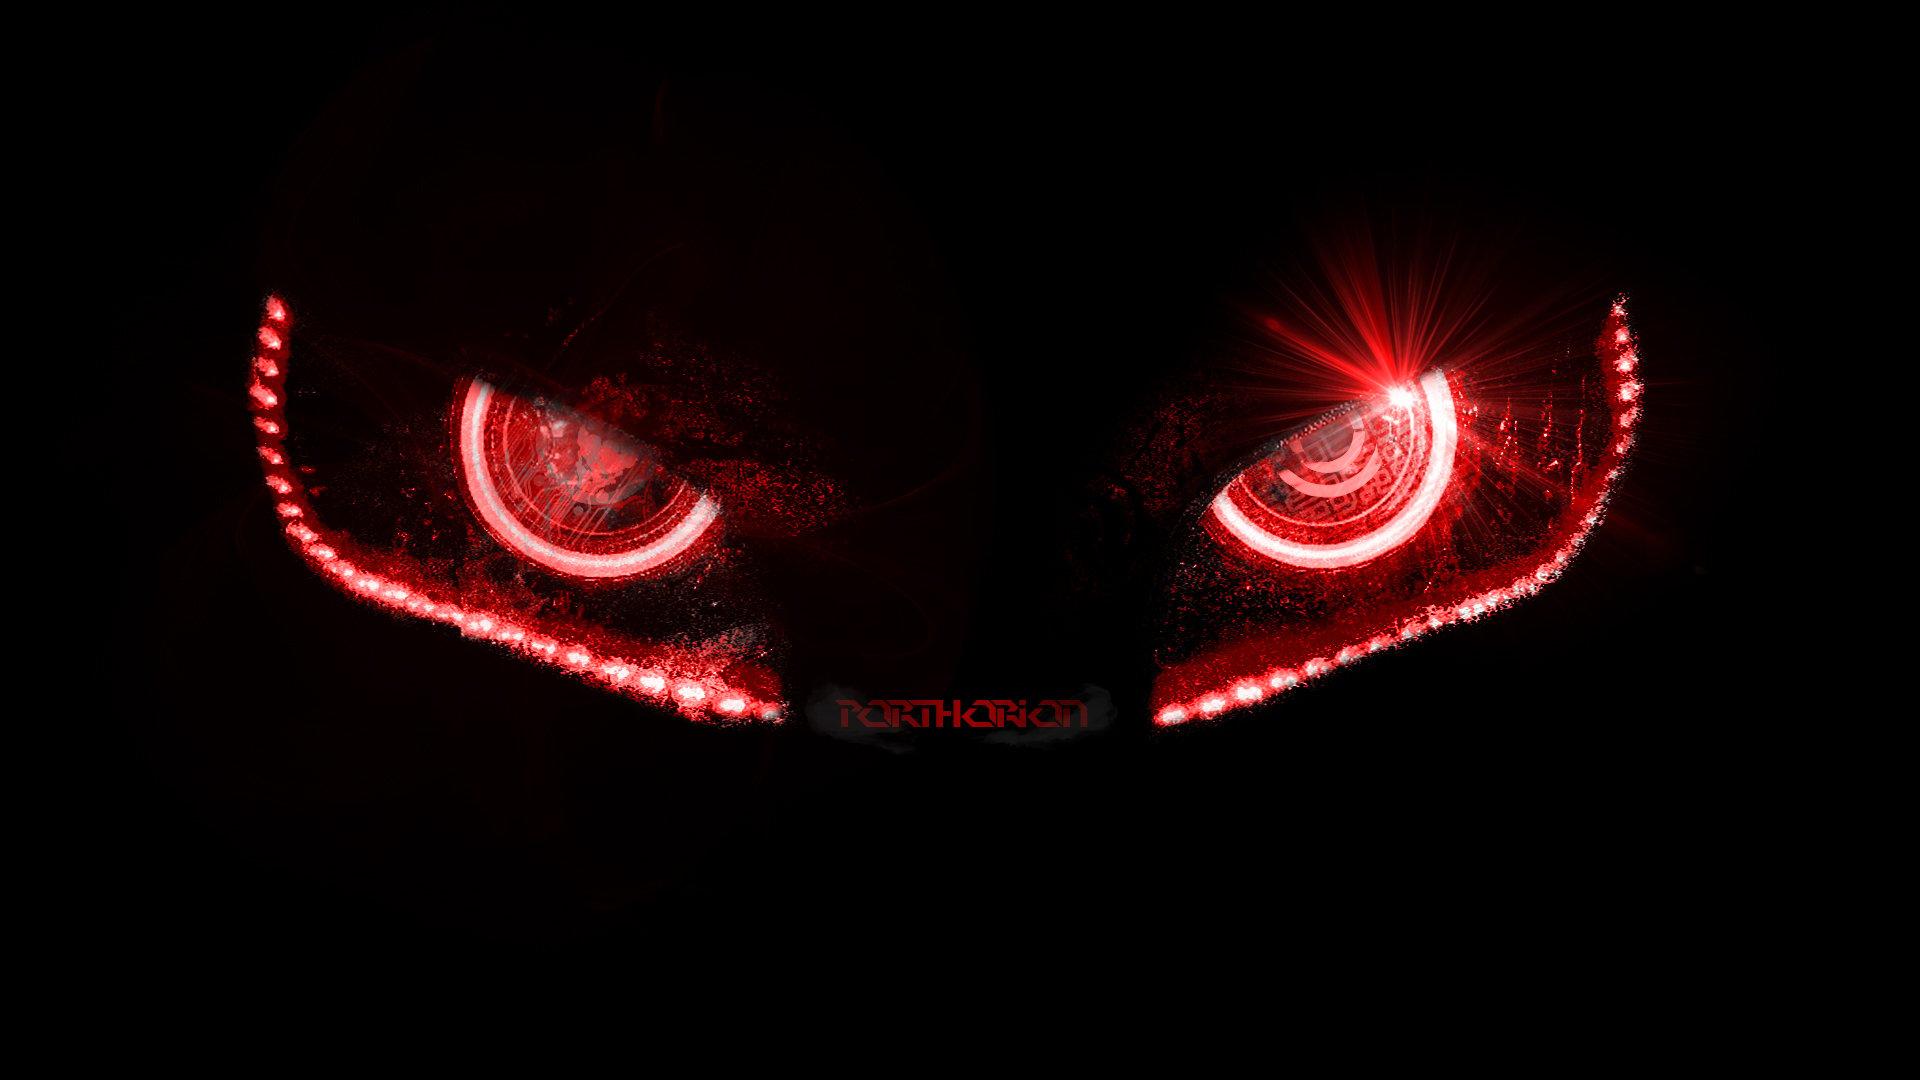 Evil Eyes Wallpaper - WallpaperSafari